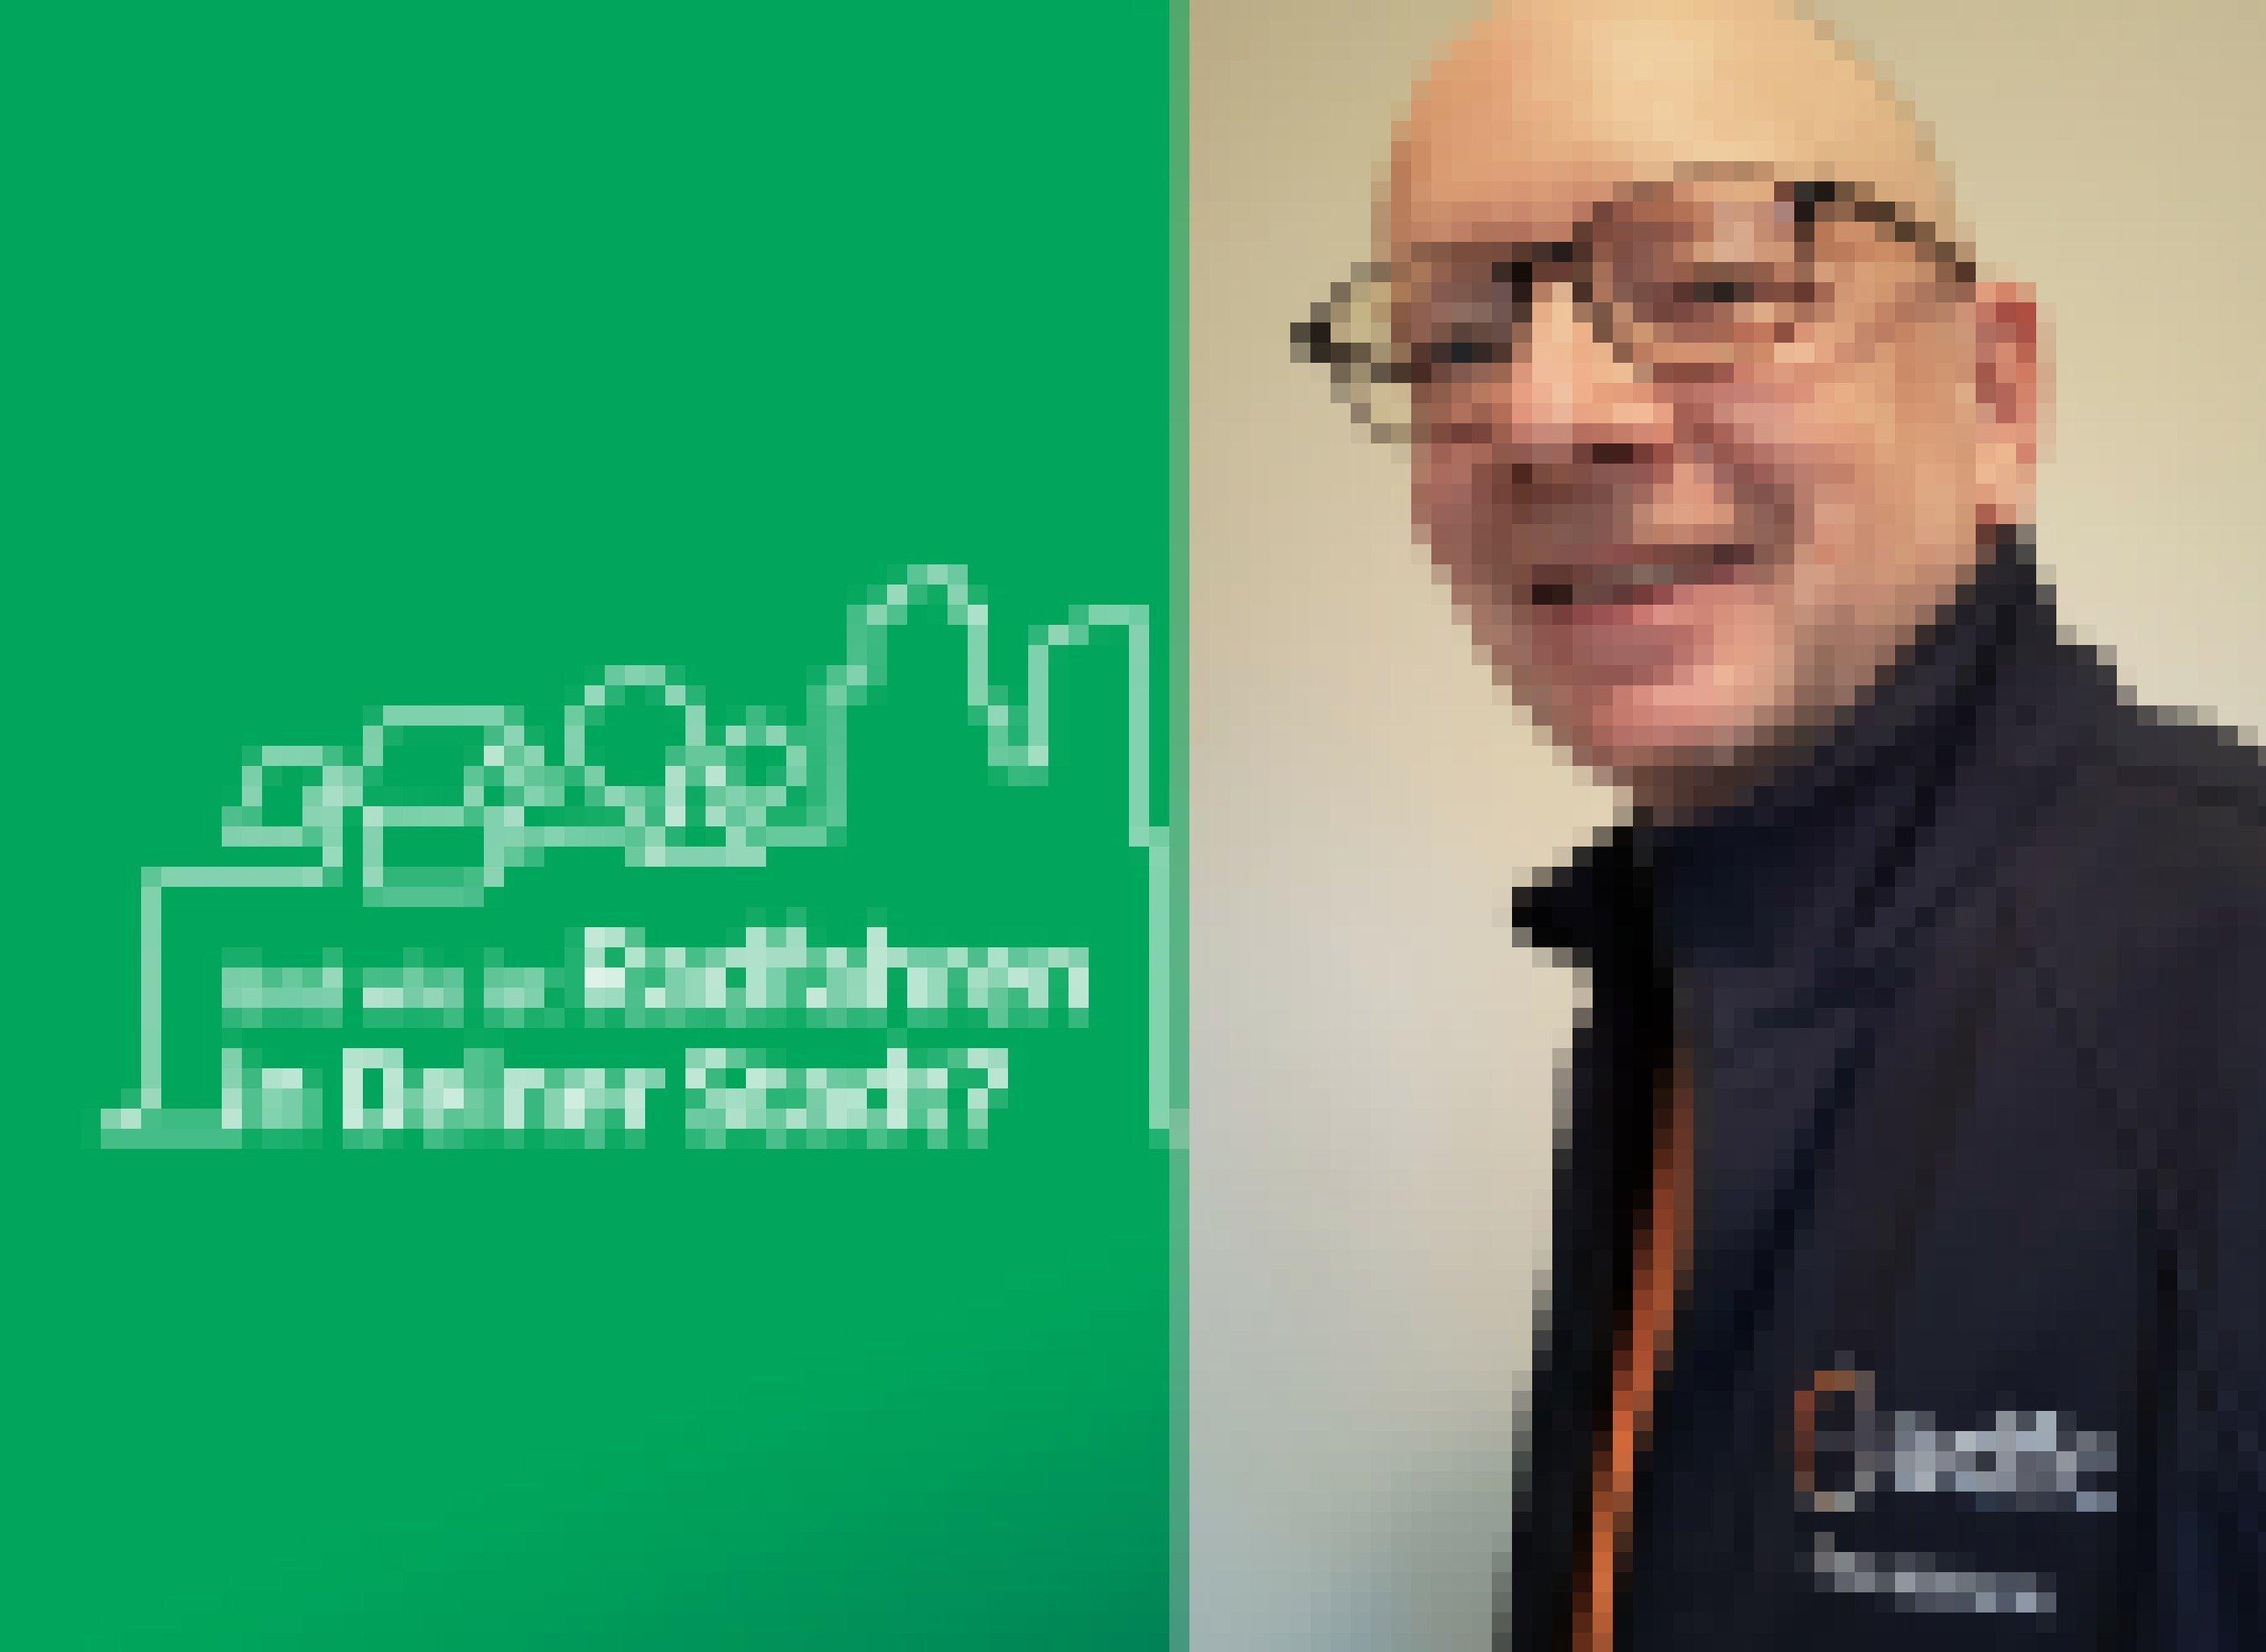 """Im linken Bildteil ist unter der symbolischen Metropol-Silhouette zu lesen """"Und wie ist Radfahren in Deiner Stadt?"""". Der rechte Bildteil zeigt ein Porträt von Klaus Mutterer, ADFC Baden-Baden."""